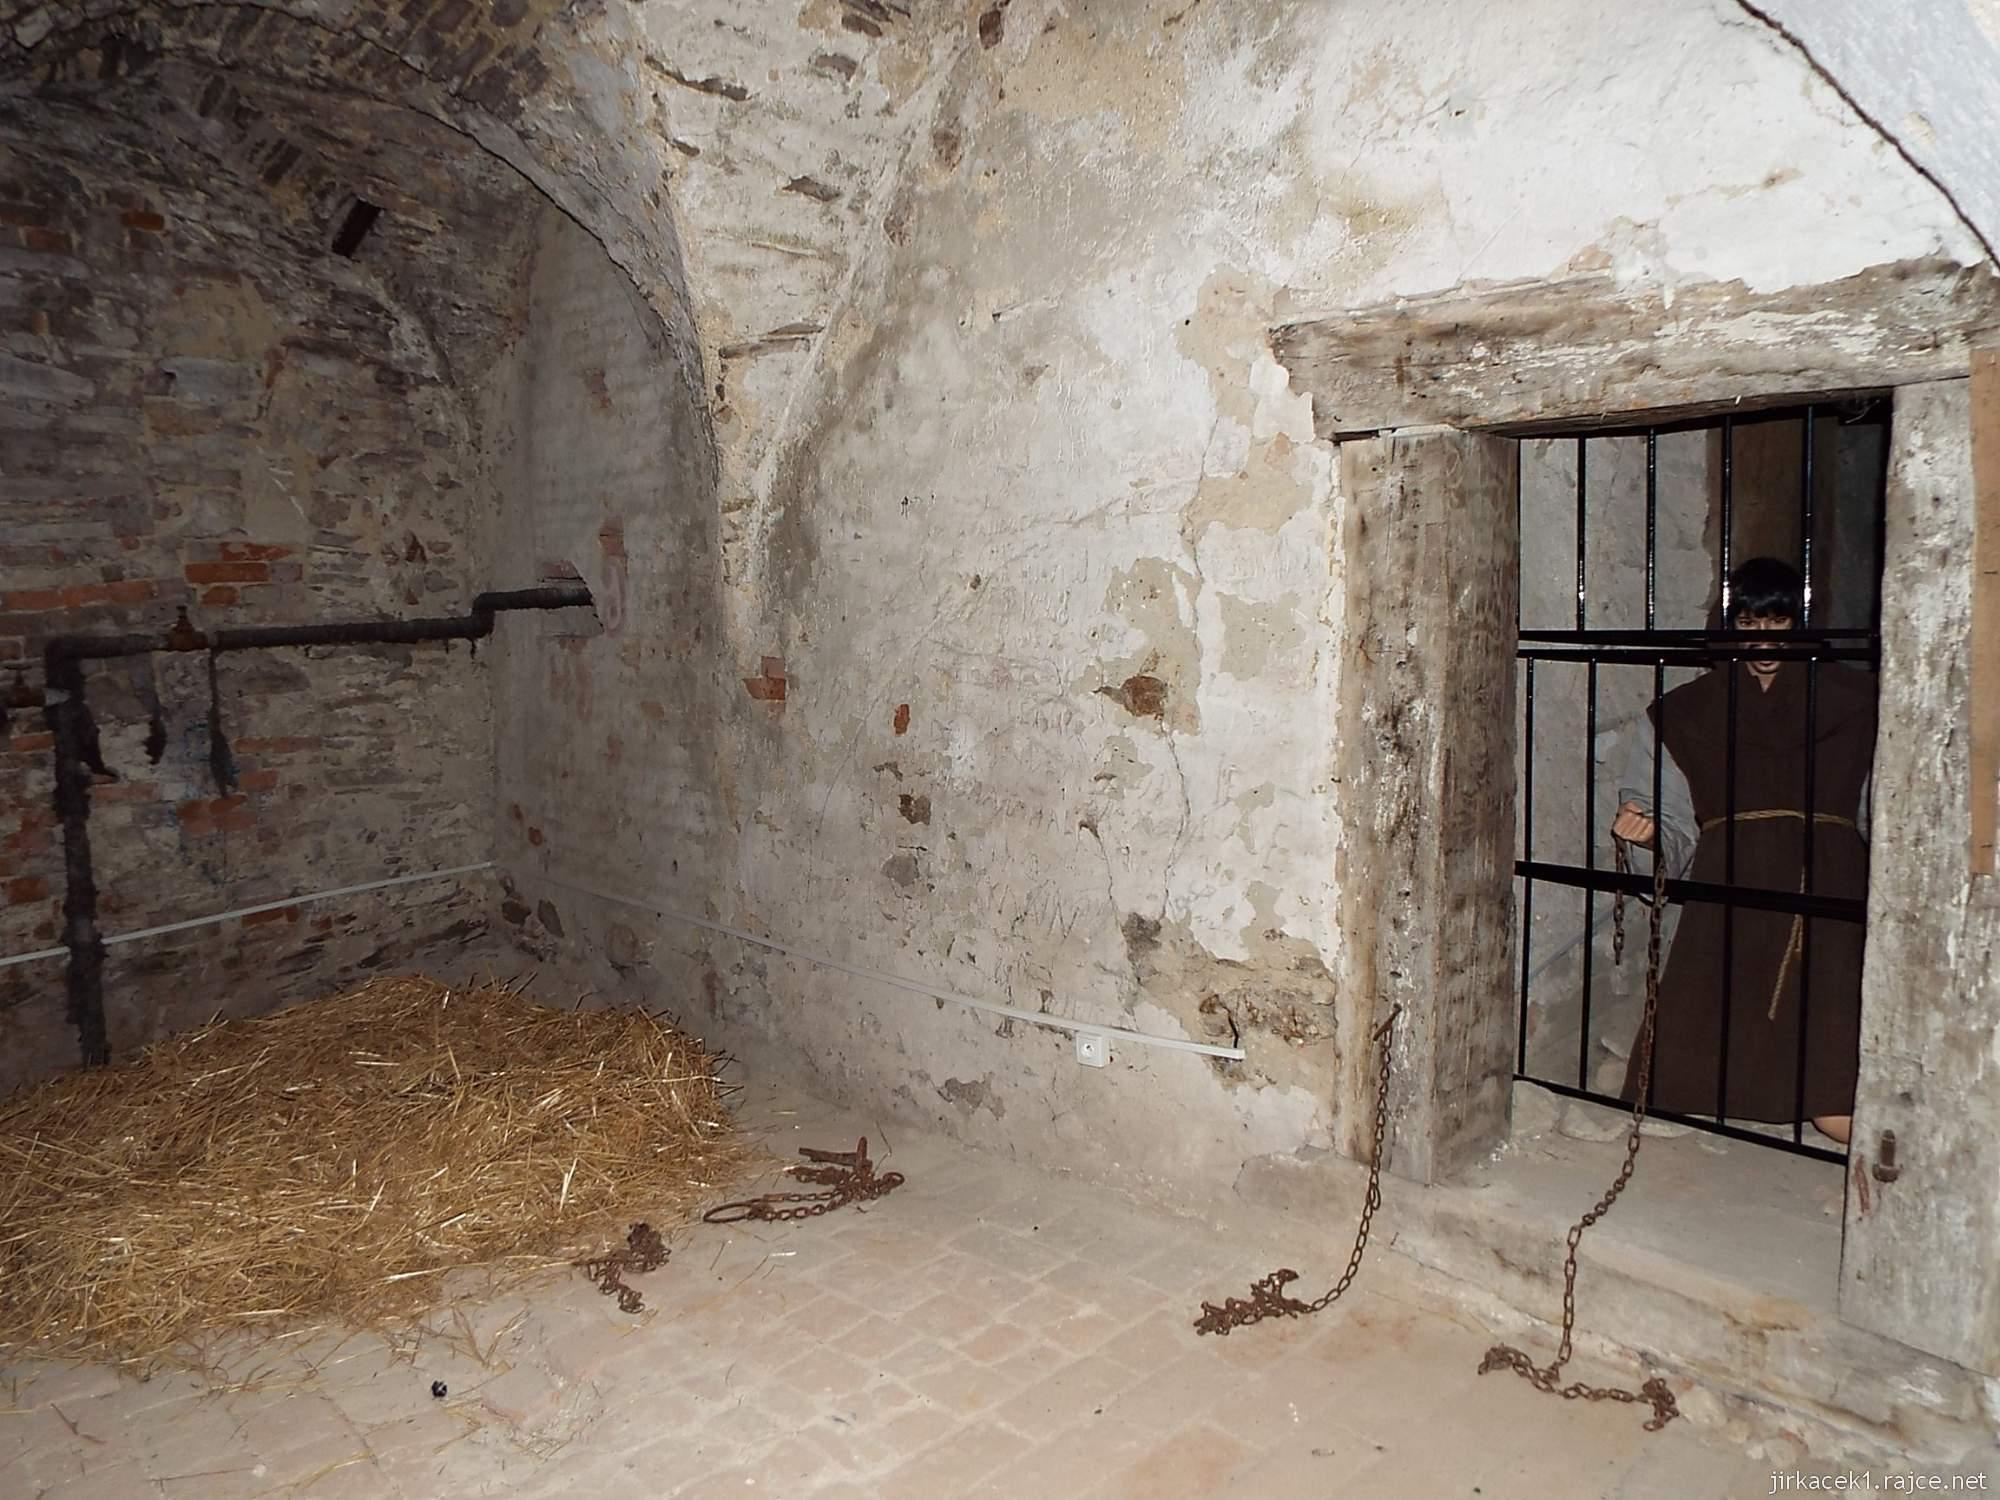 zámek Miroslav 26 - dobově zařízený žalářníkův byt - vězení